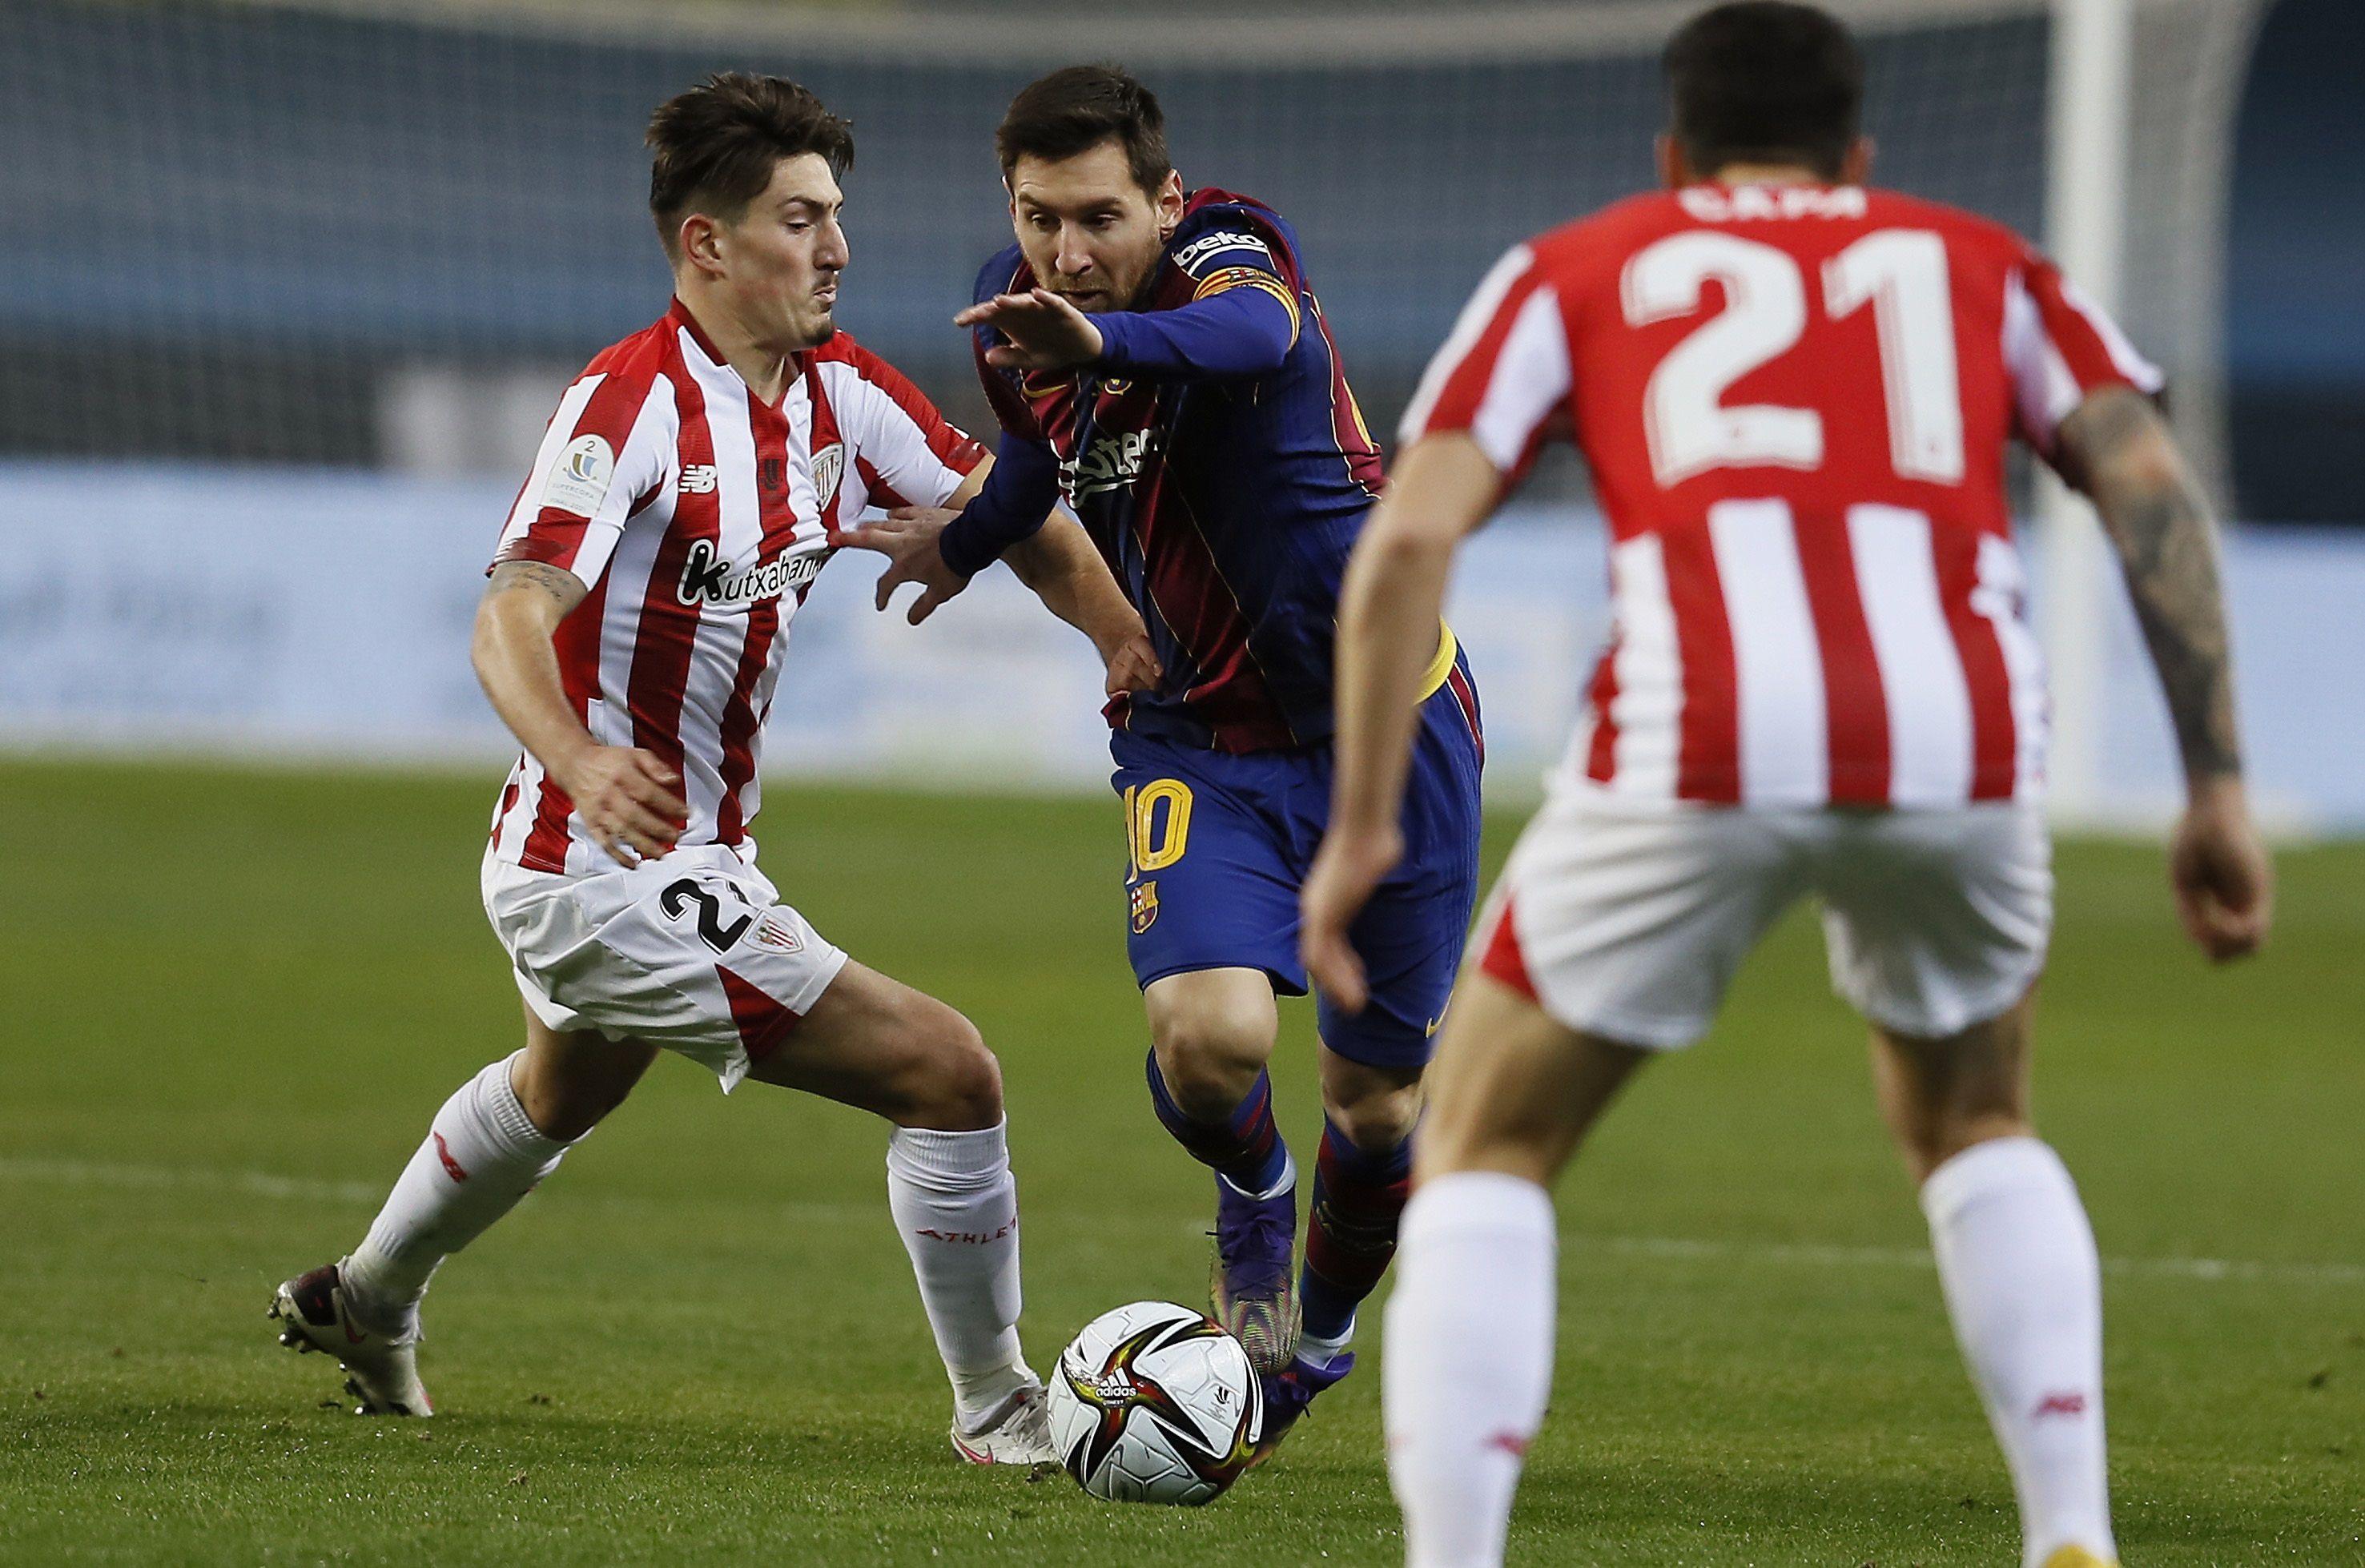 El delantero argentino del FC Barcelona, Leo Messi, es titular ante el Bilbao (EFE)